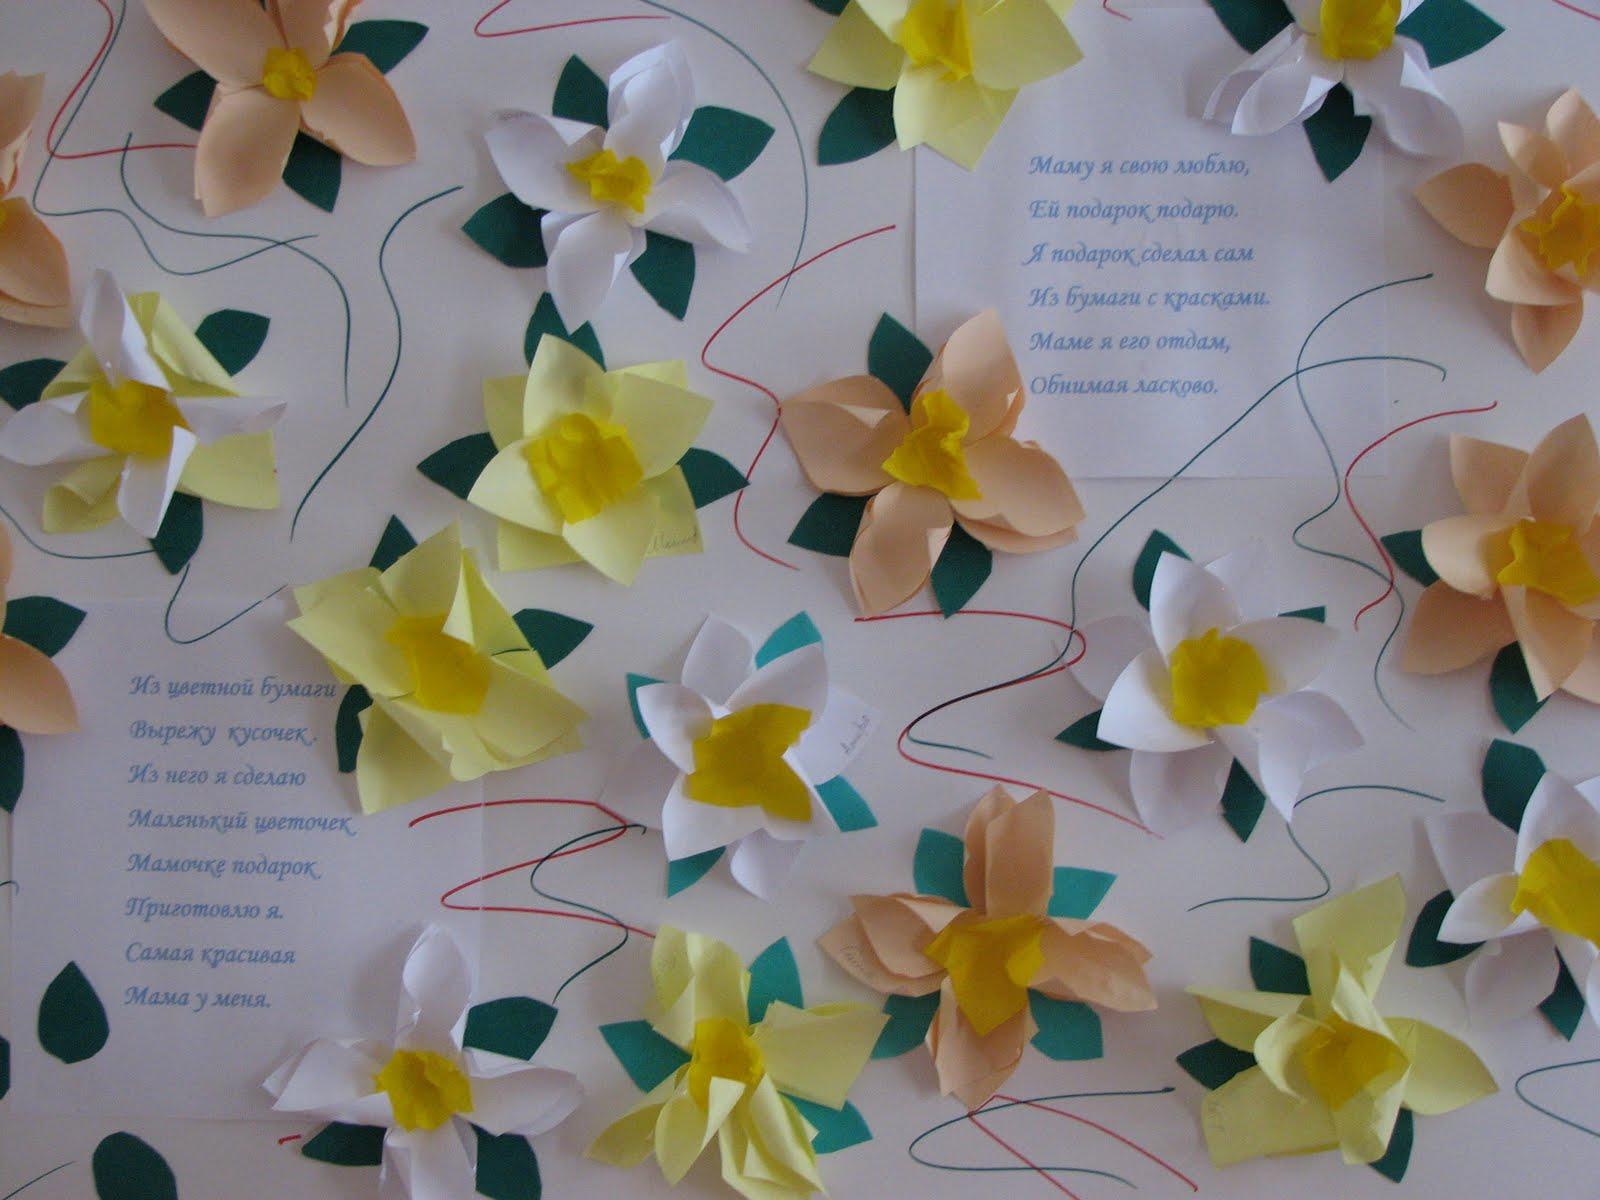 Цветы из бумаги на плакат своими руками